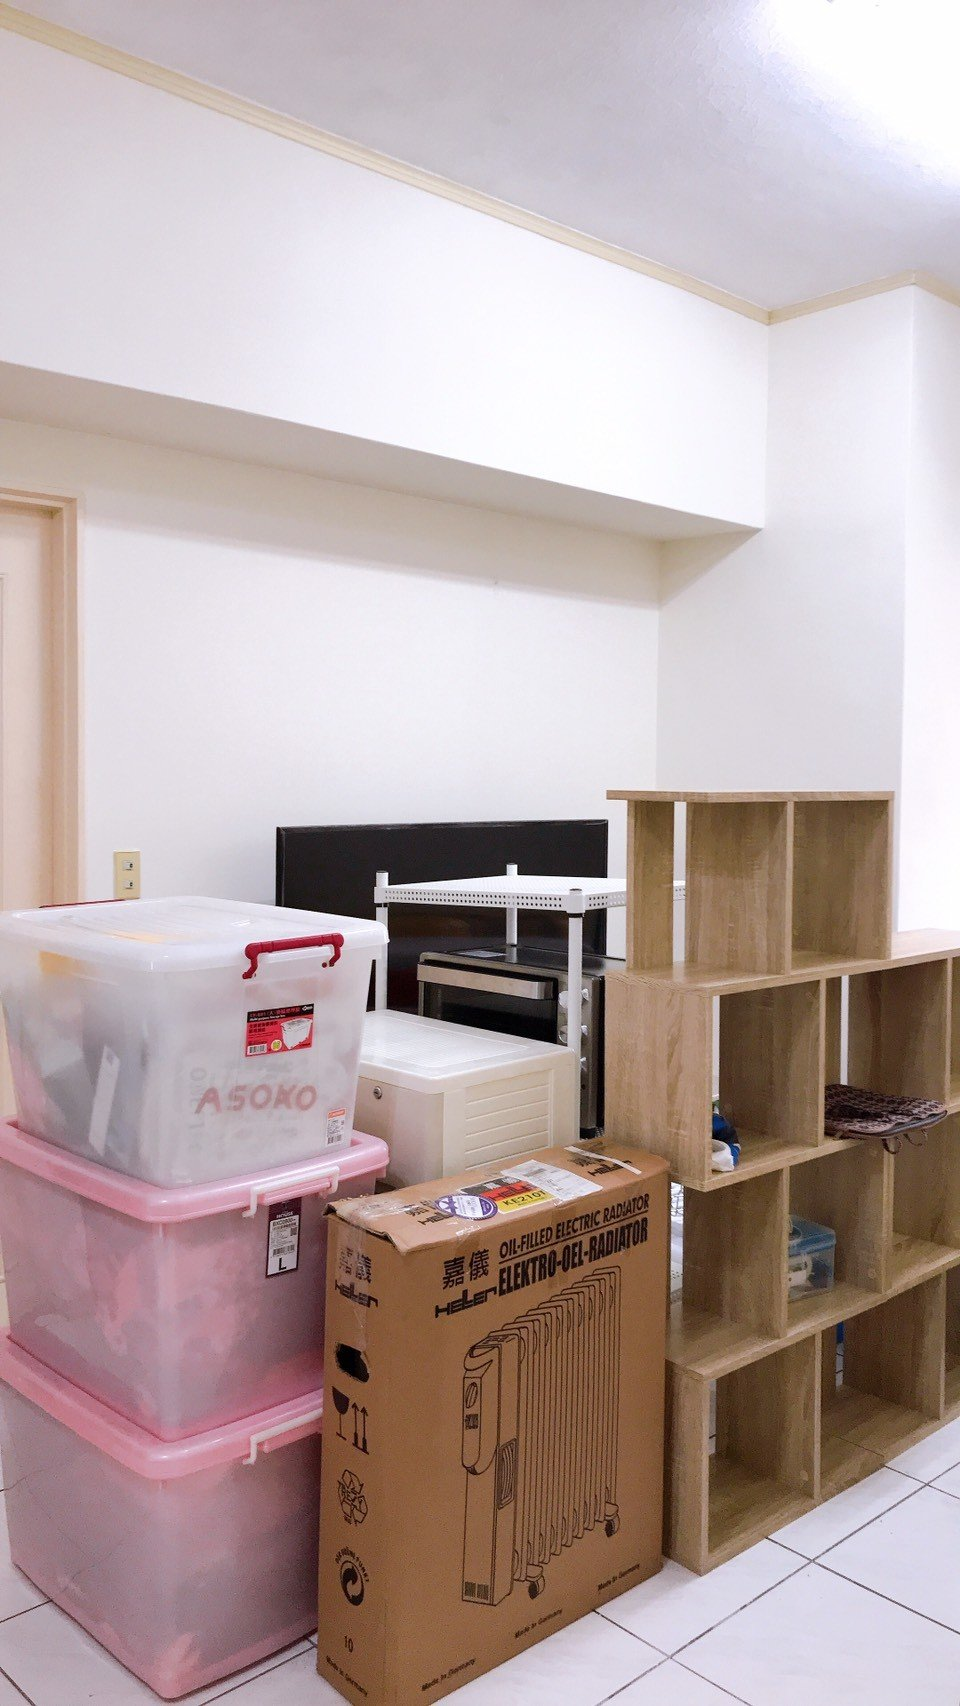 台北搬家|新北搬家推薦【榮福搬家公司】家庭搬家,值得您的信賴,搬運家具、佛像、家電、鋼琴、金庫等服務您的搬家大小事。